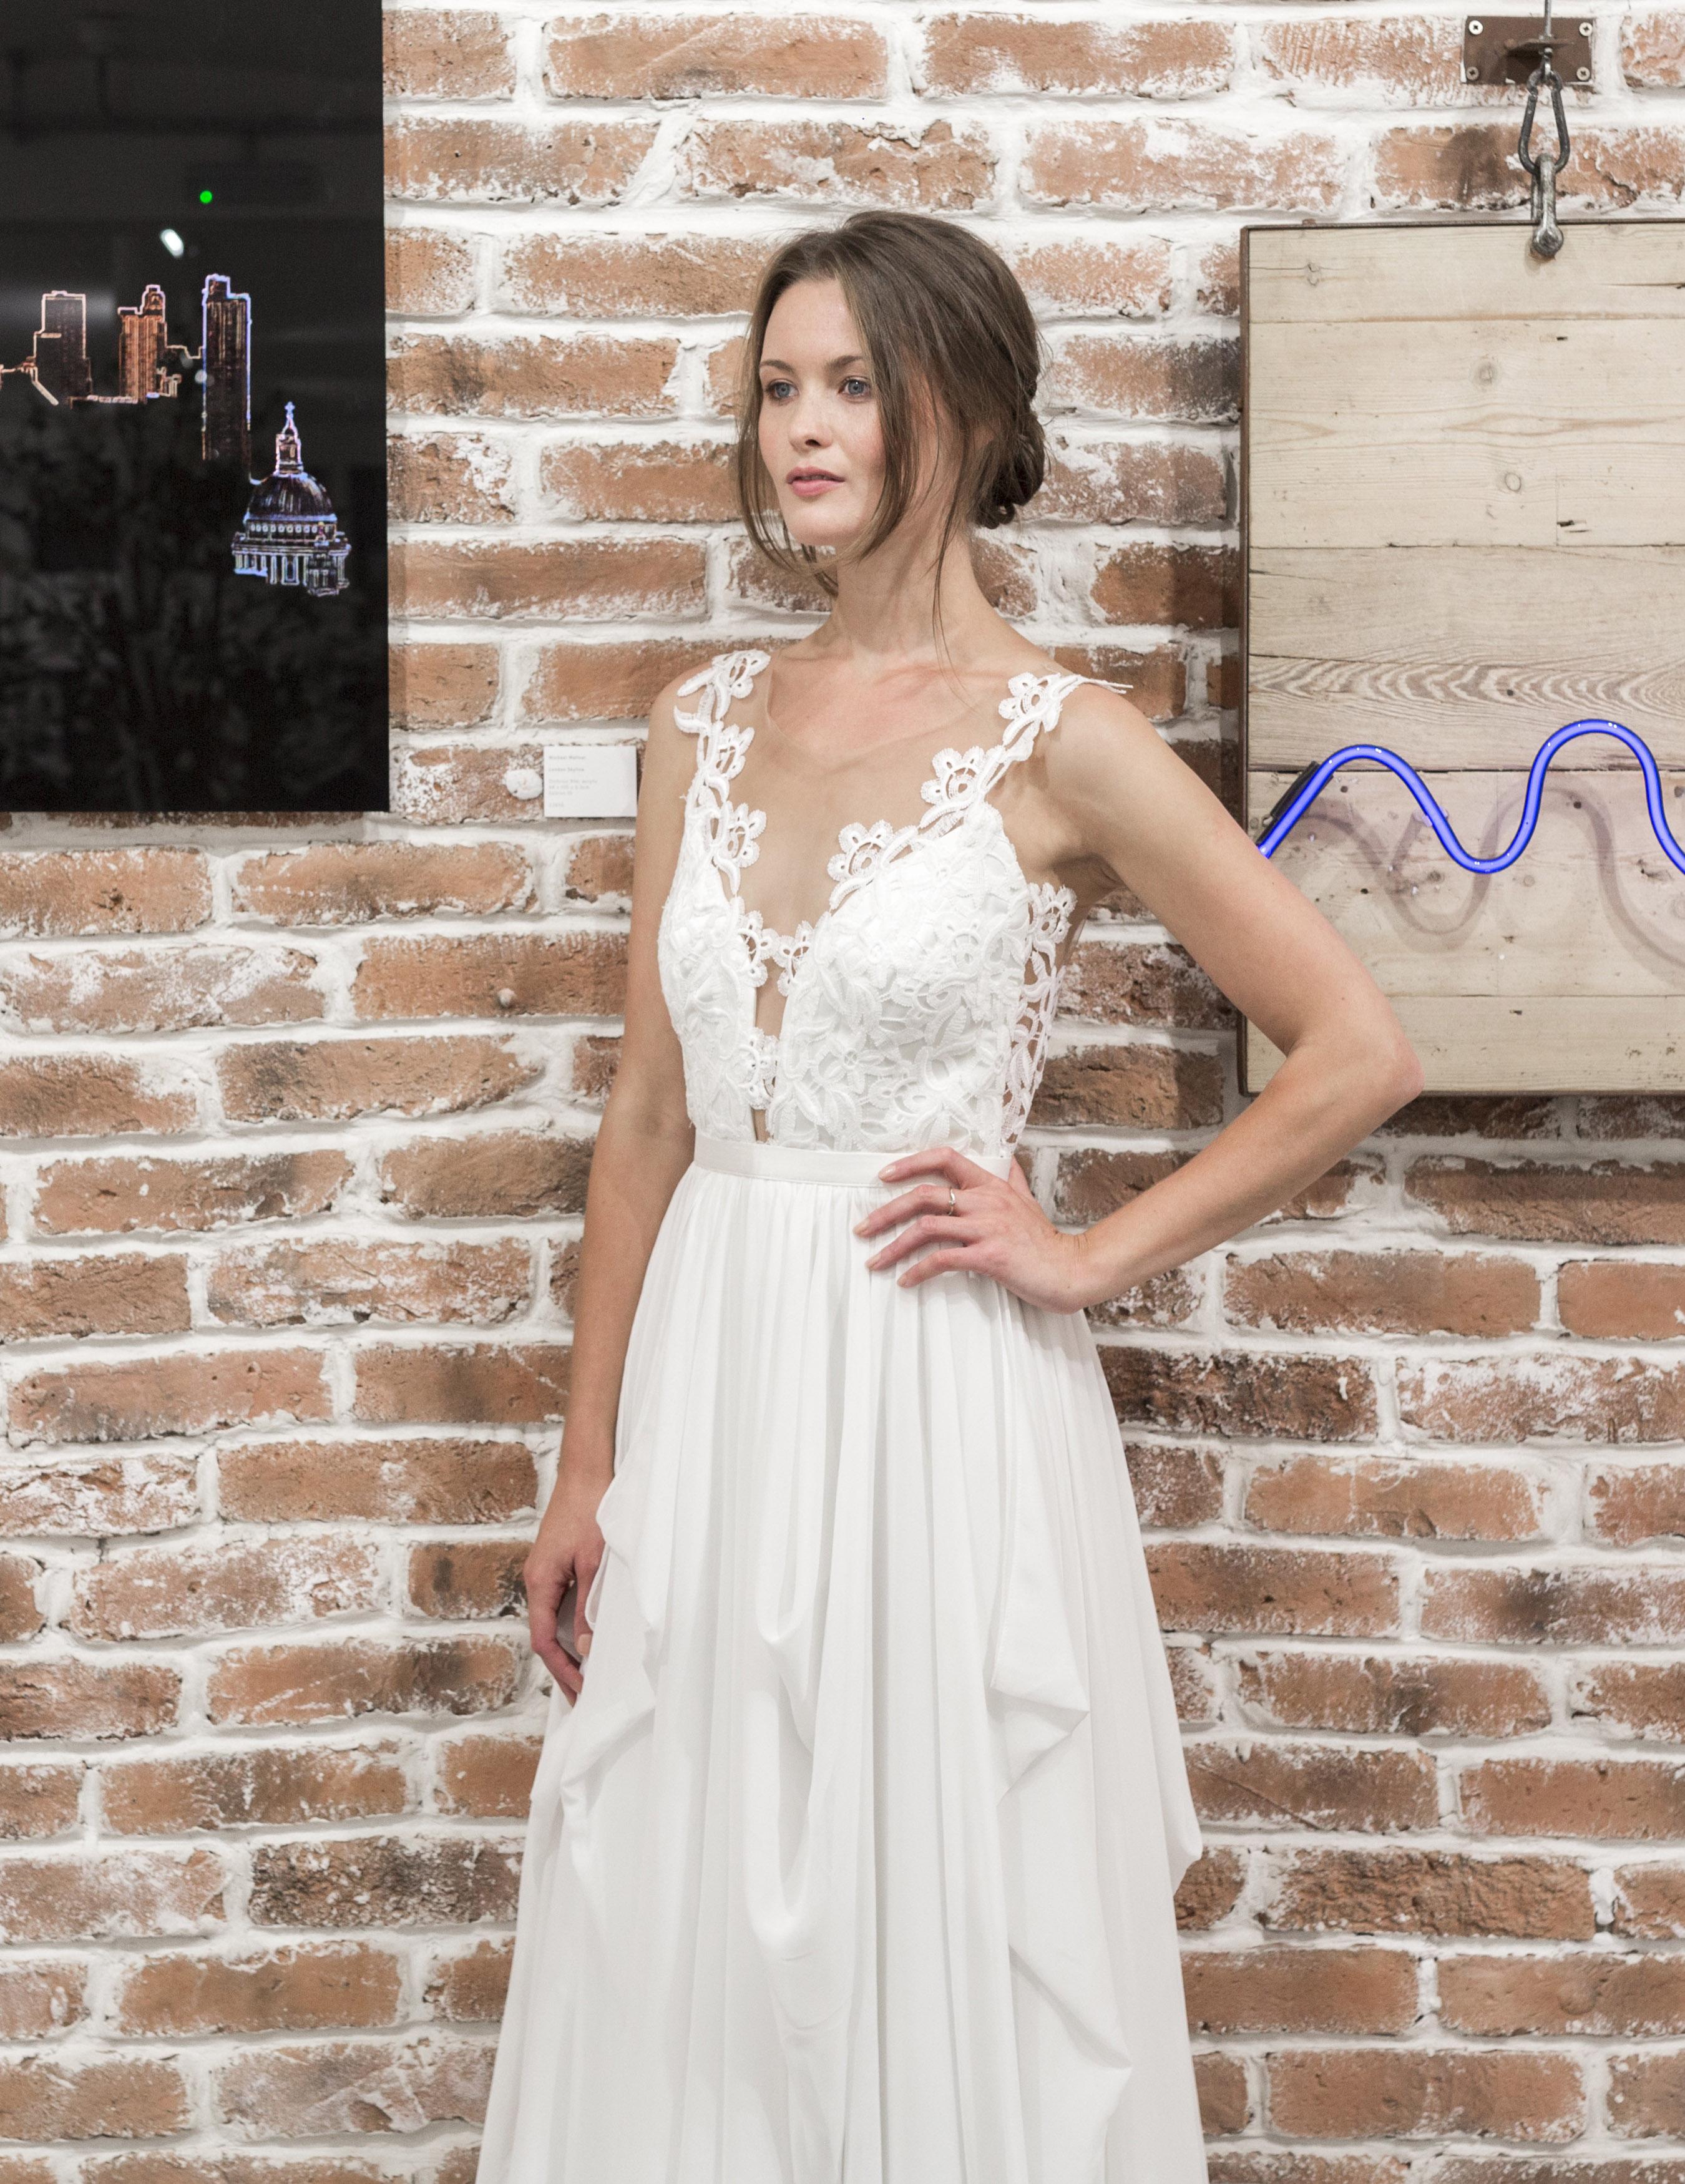 Shine-Bridal-model-natural-beaurty-Charlotte-London-002jpg.jpg#asset:46611